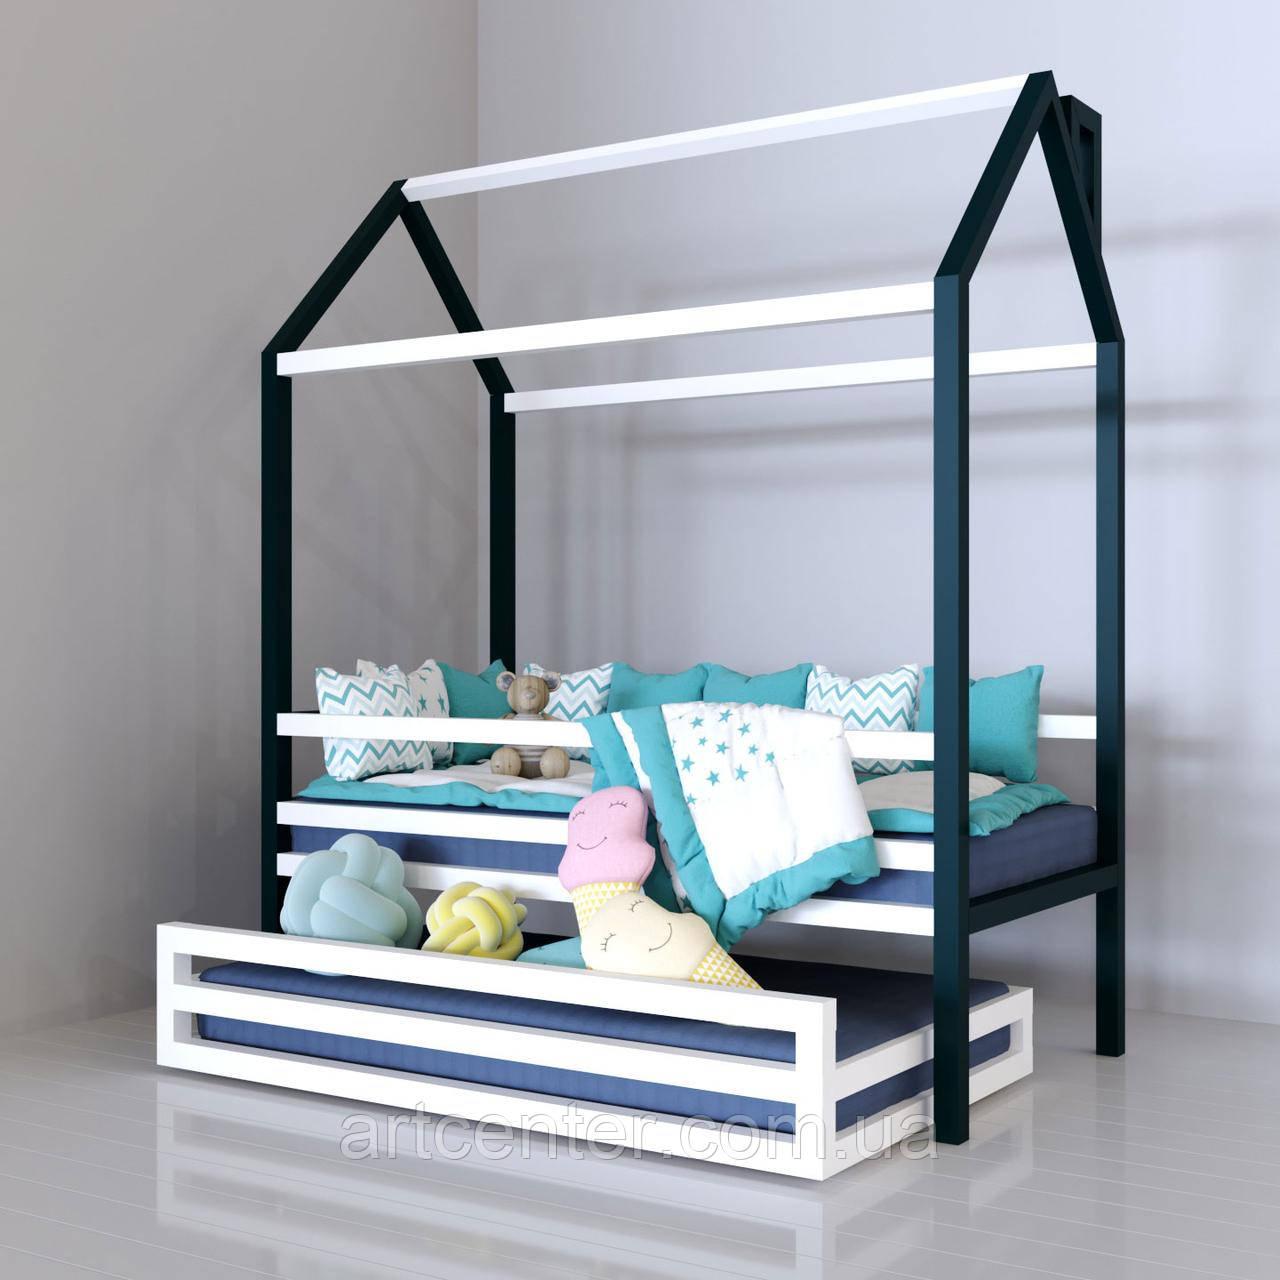 Детская кроватка-домик с ящиком